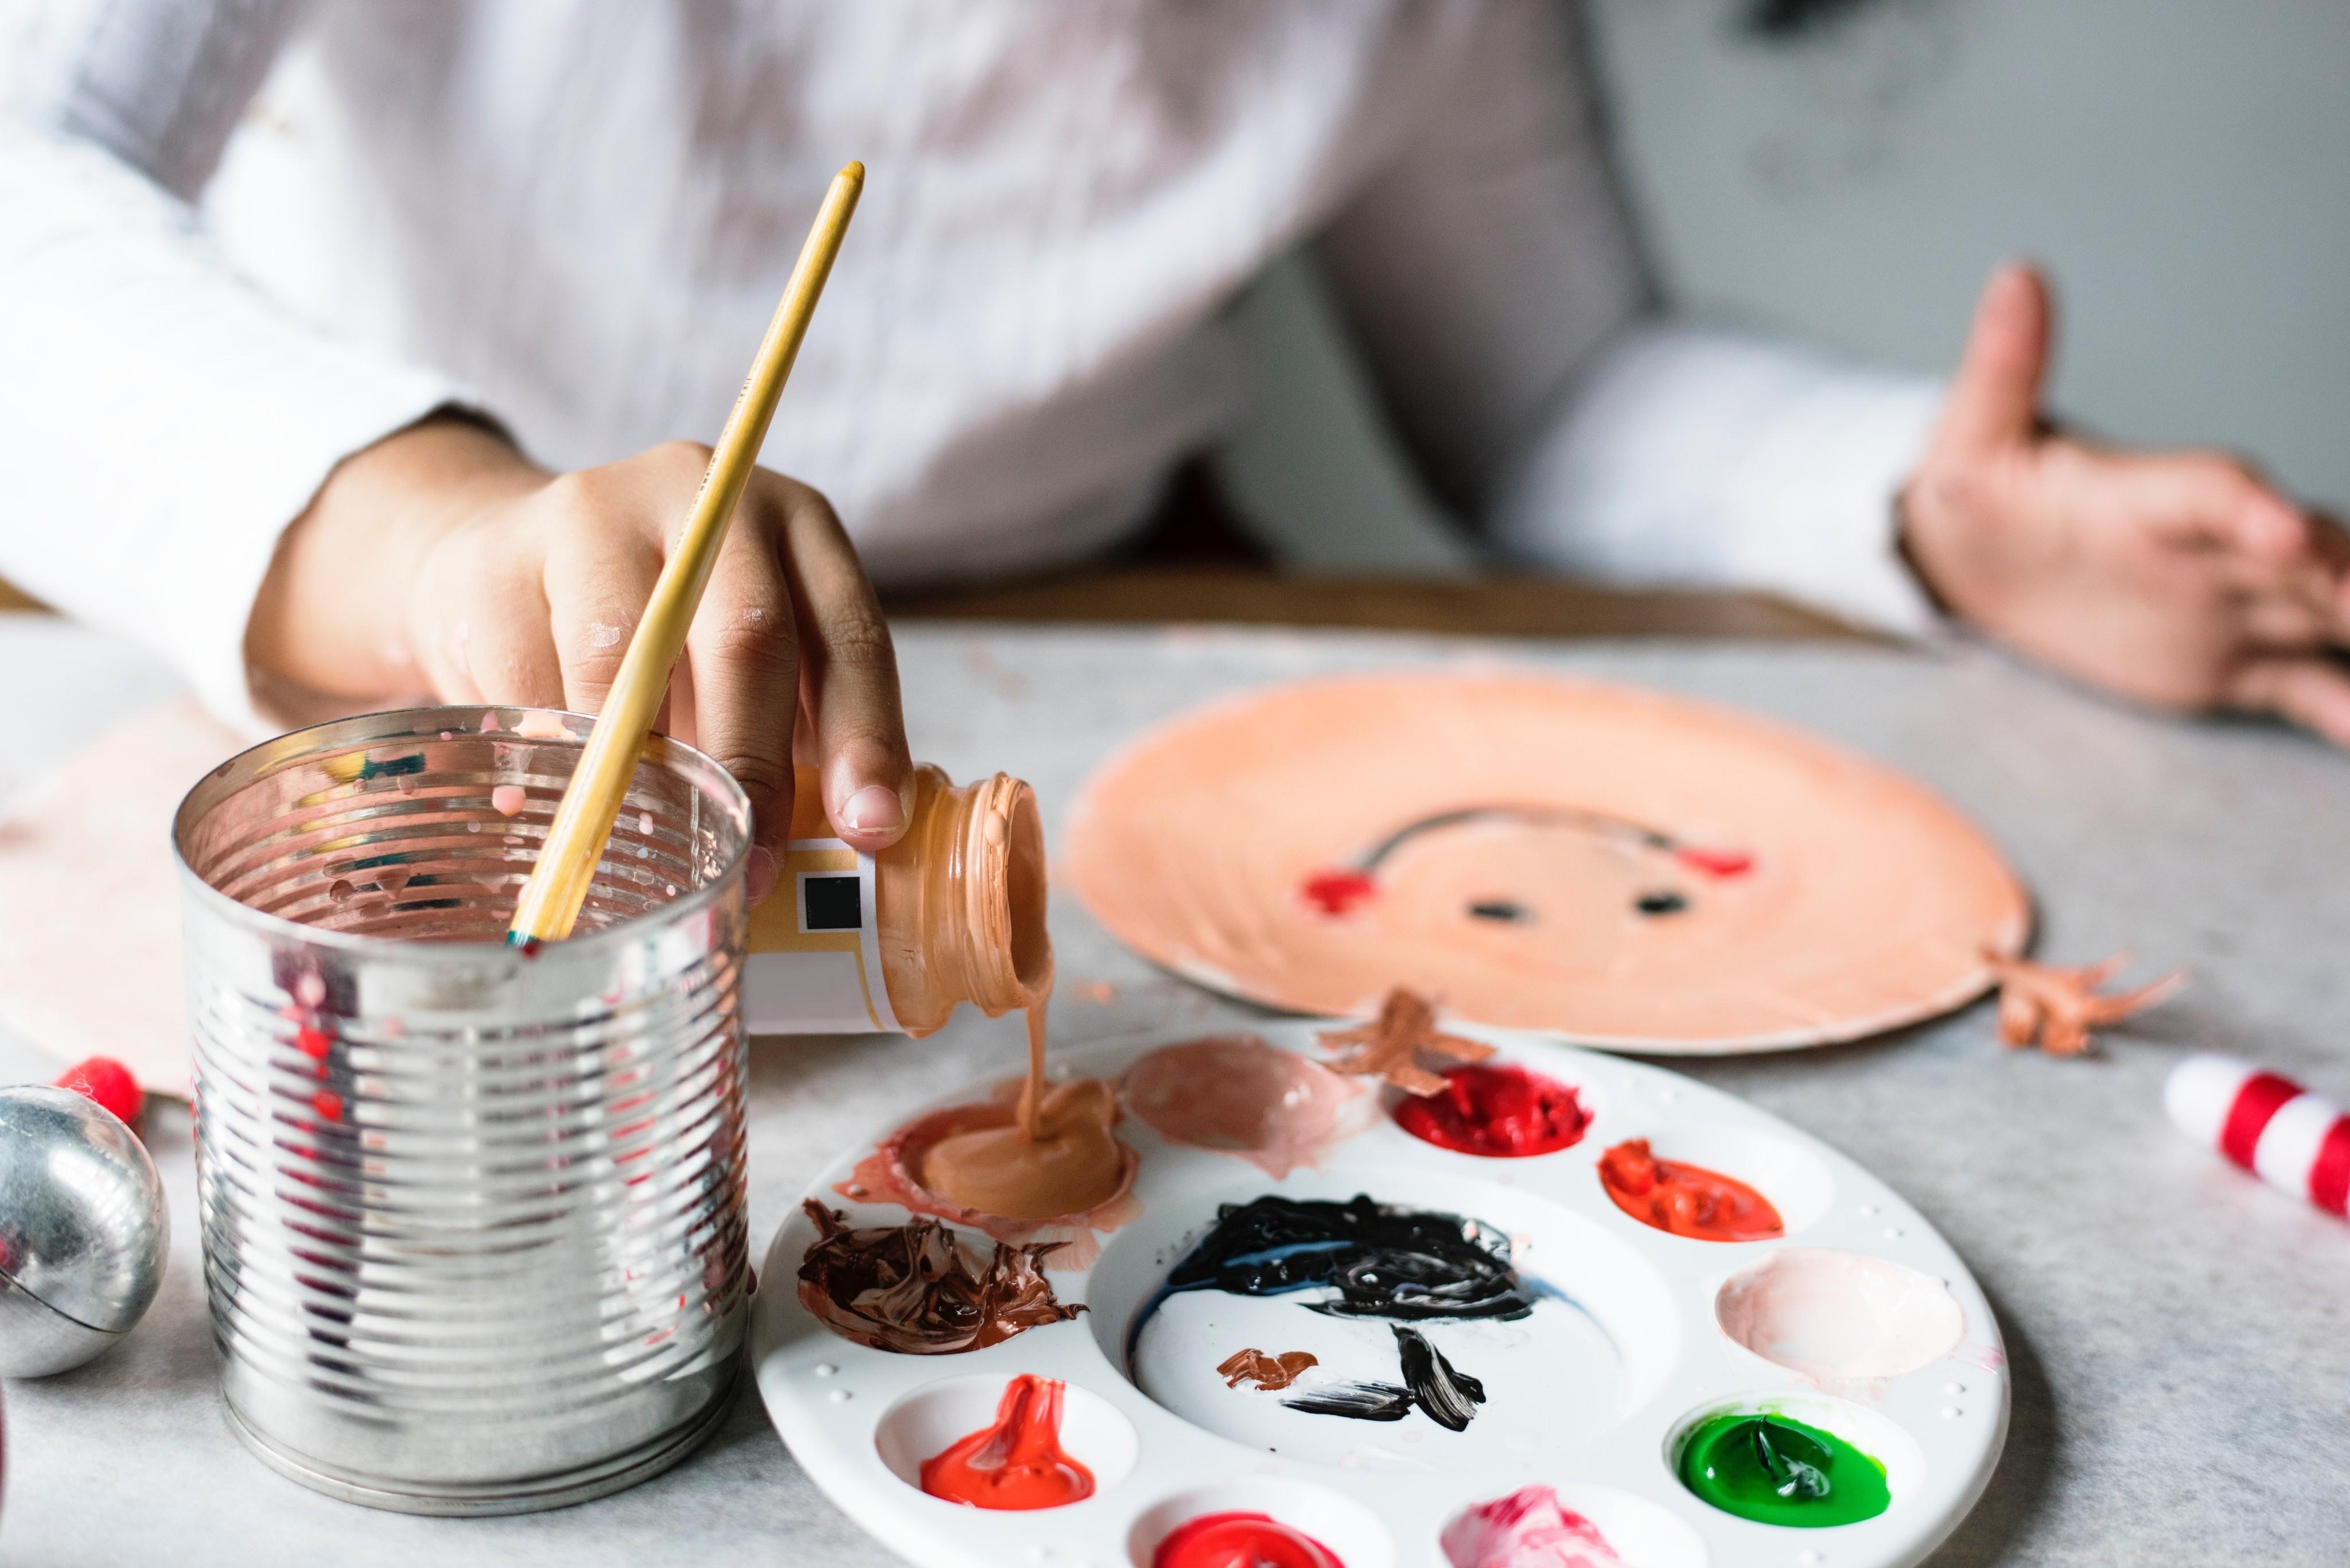 Плавание, «музыкалка» или рисование: в какие секции отдать детей разных знаков Зодиака?